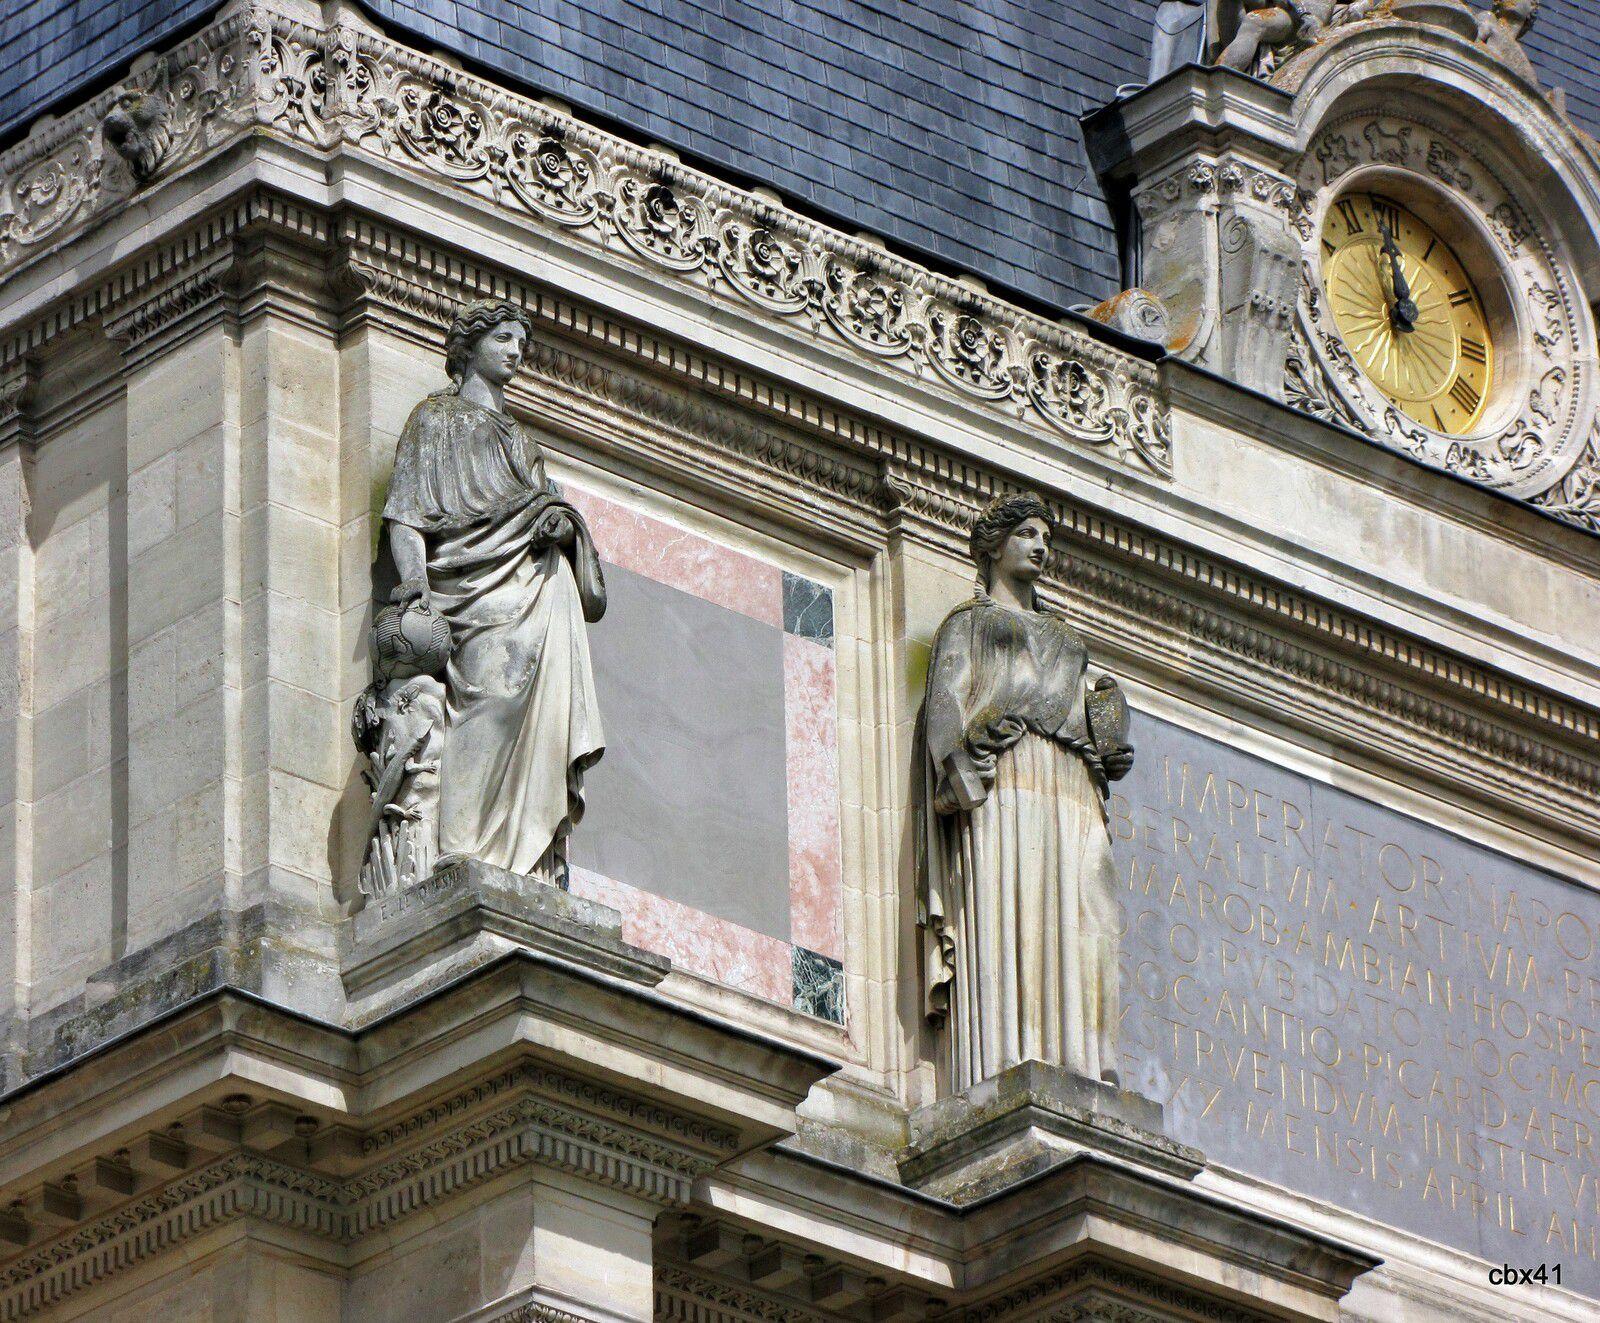 Musée de Picardie, Les sculptures extérieures